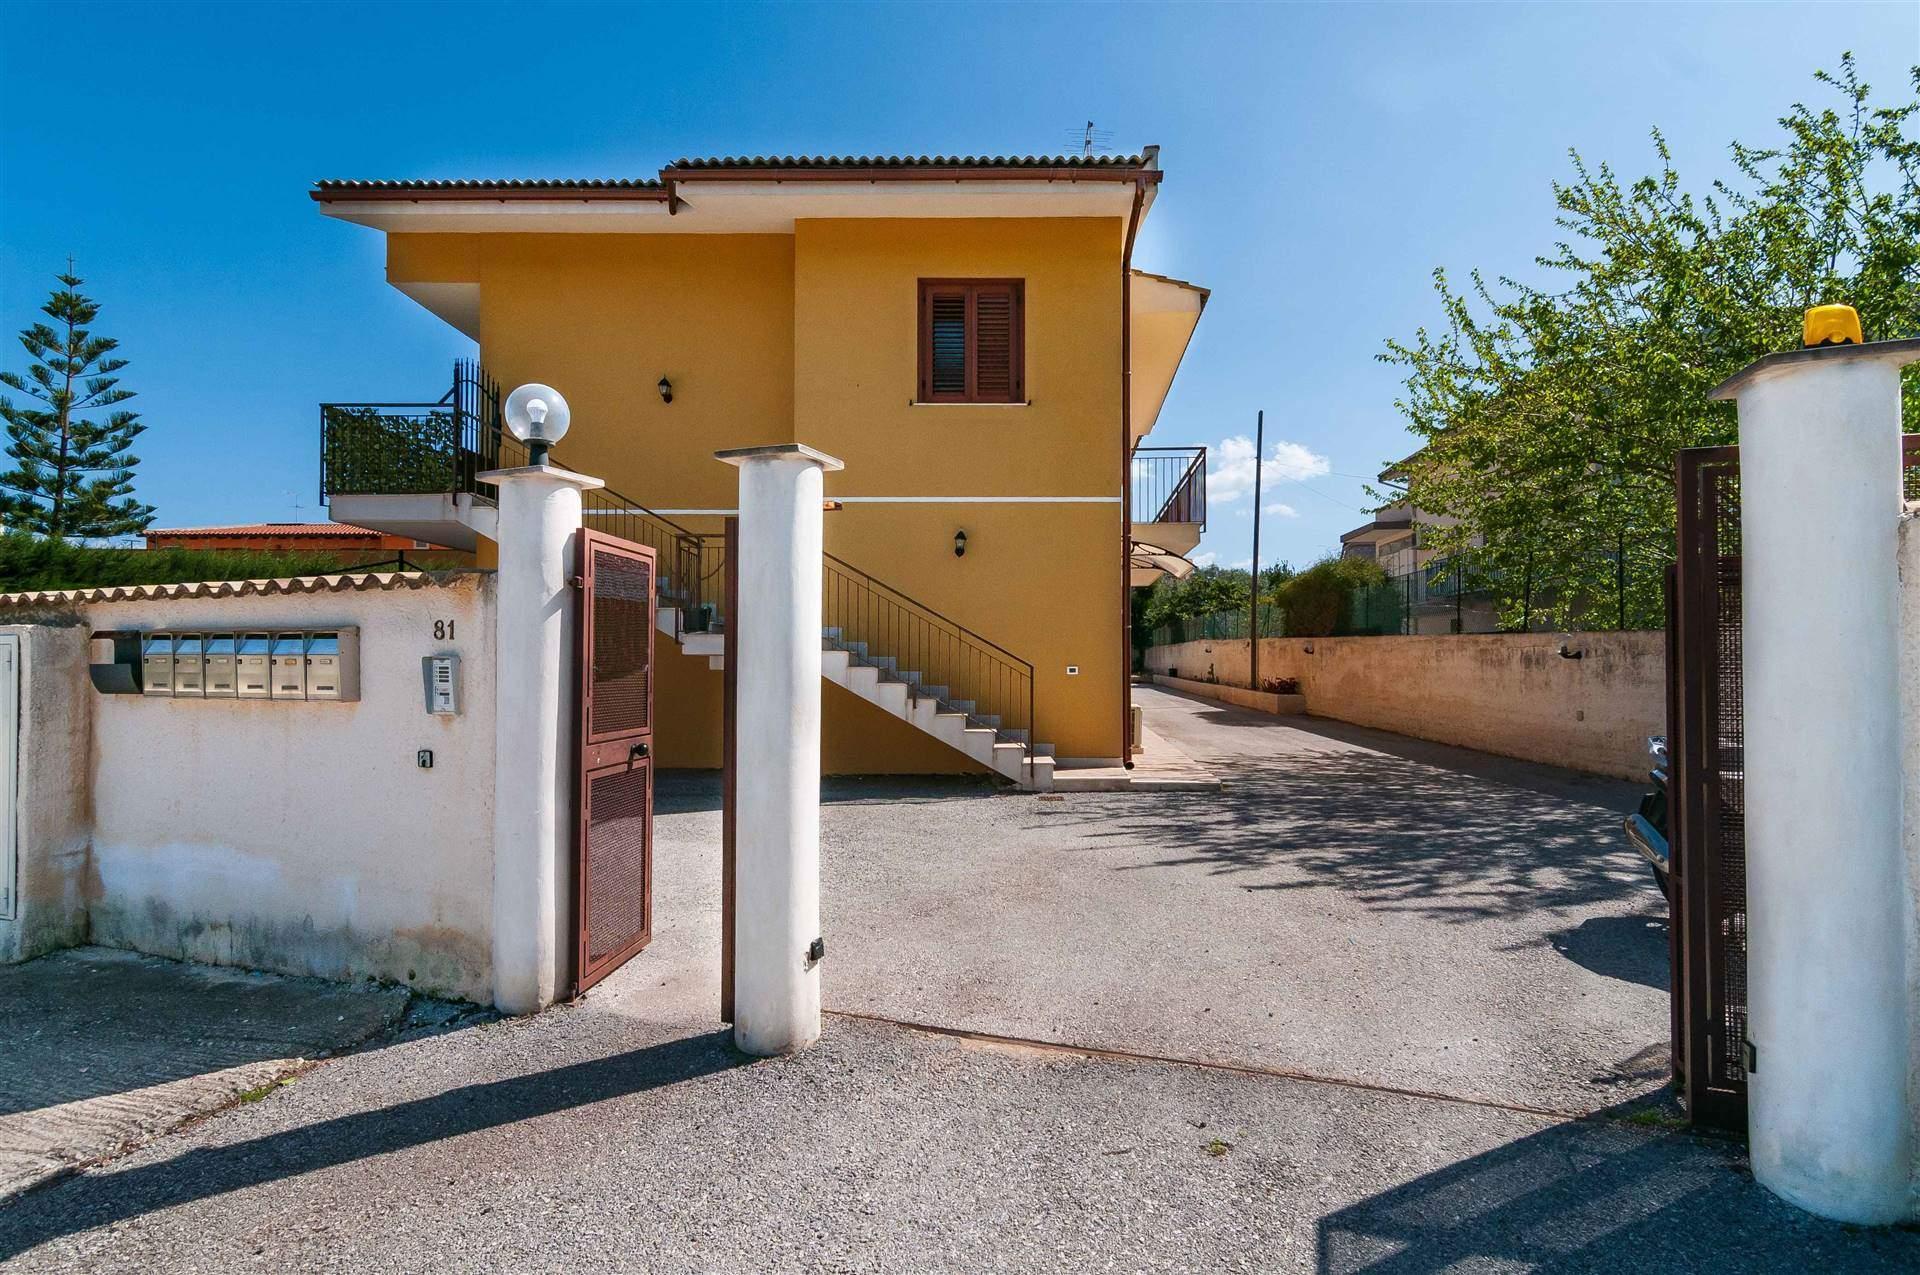 Appartamento in vendita a Melilli, 4 locali, zona à Giardino, prezzo € 123.000 | PortaleAgenzieImmobiliari.it